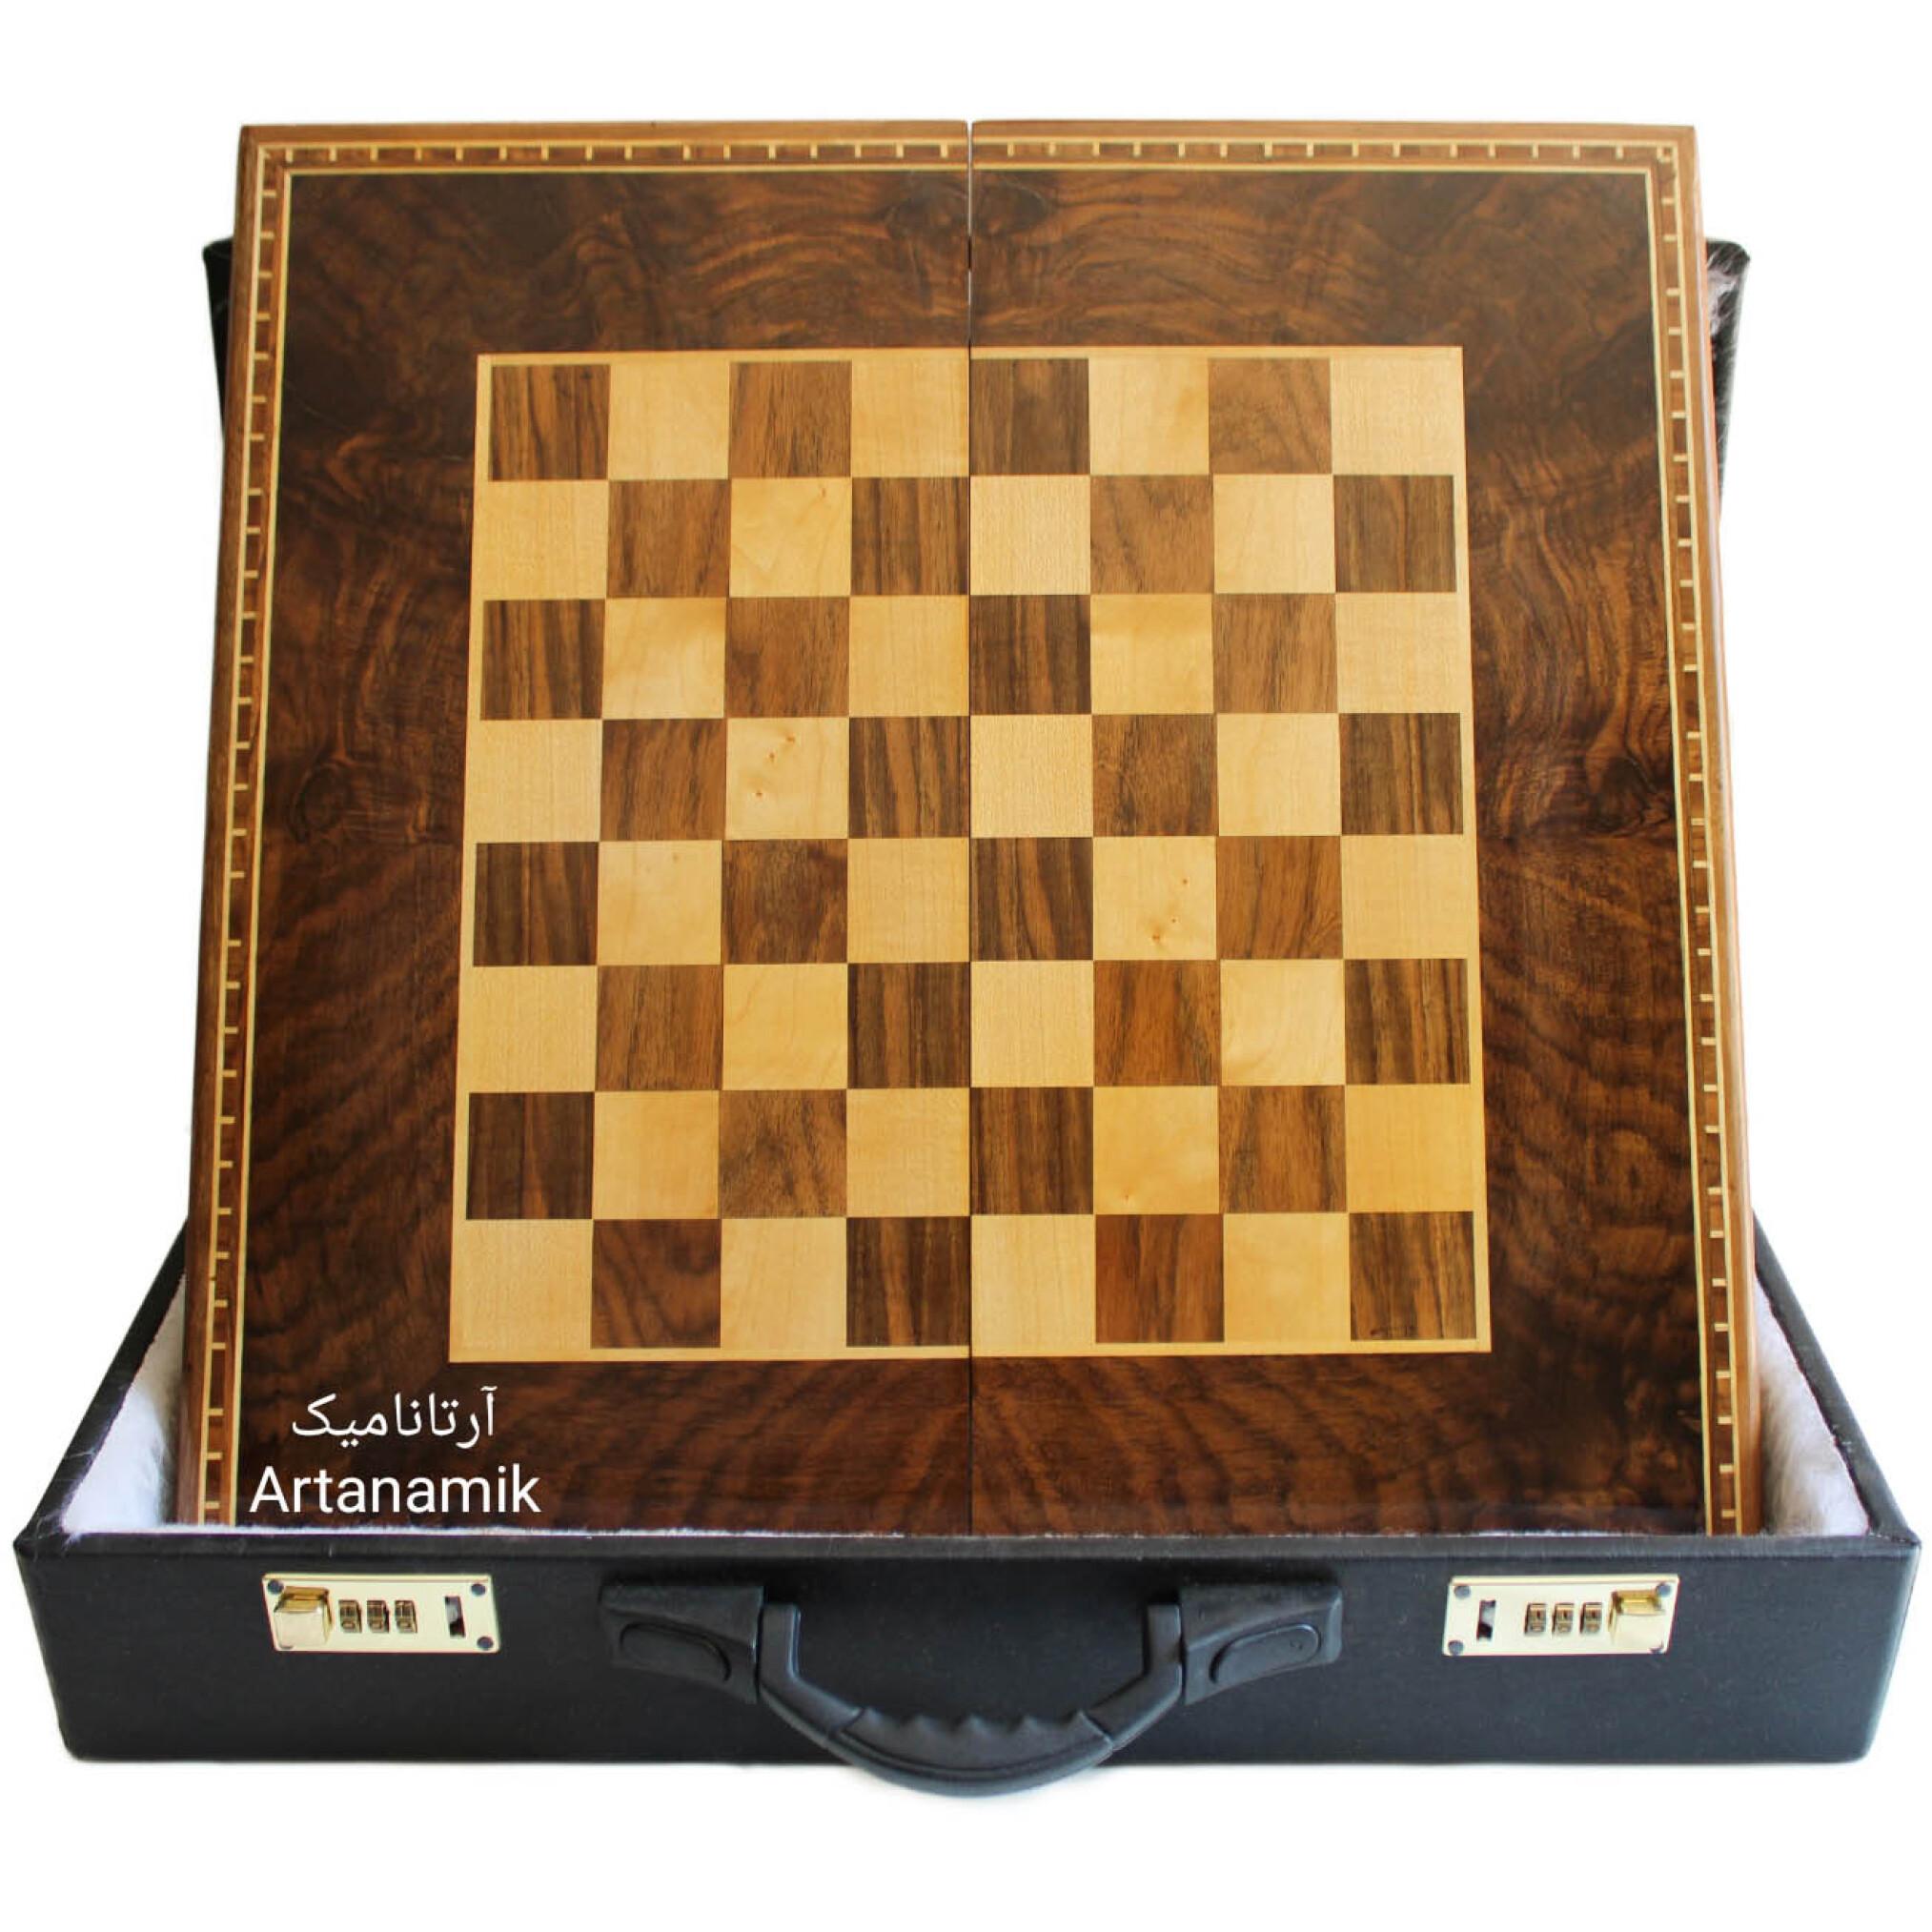 تخته نرد و شطرنج کادویی، تخته نرد کادویی و تخته نرد نفیس روی چوب گردو